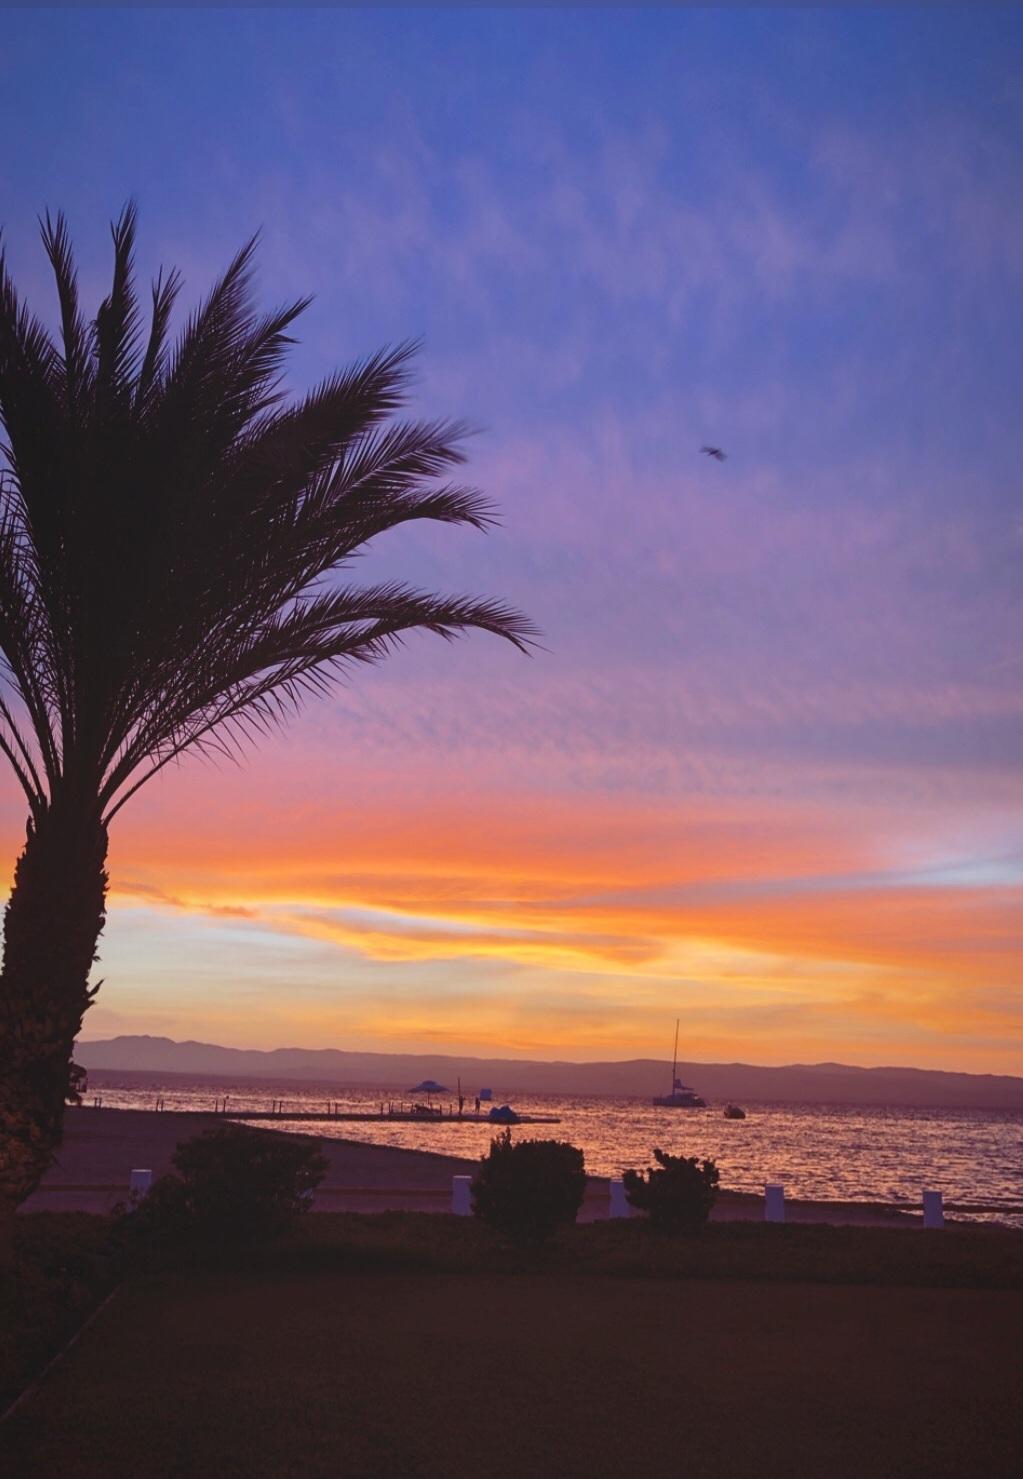 paracas-peru-sunset-beach-south-america-travel-tips